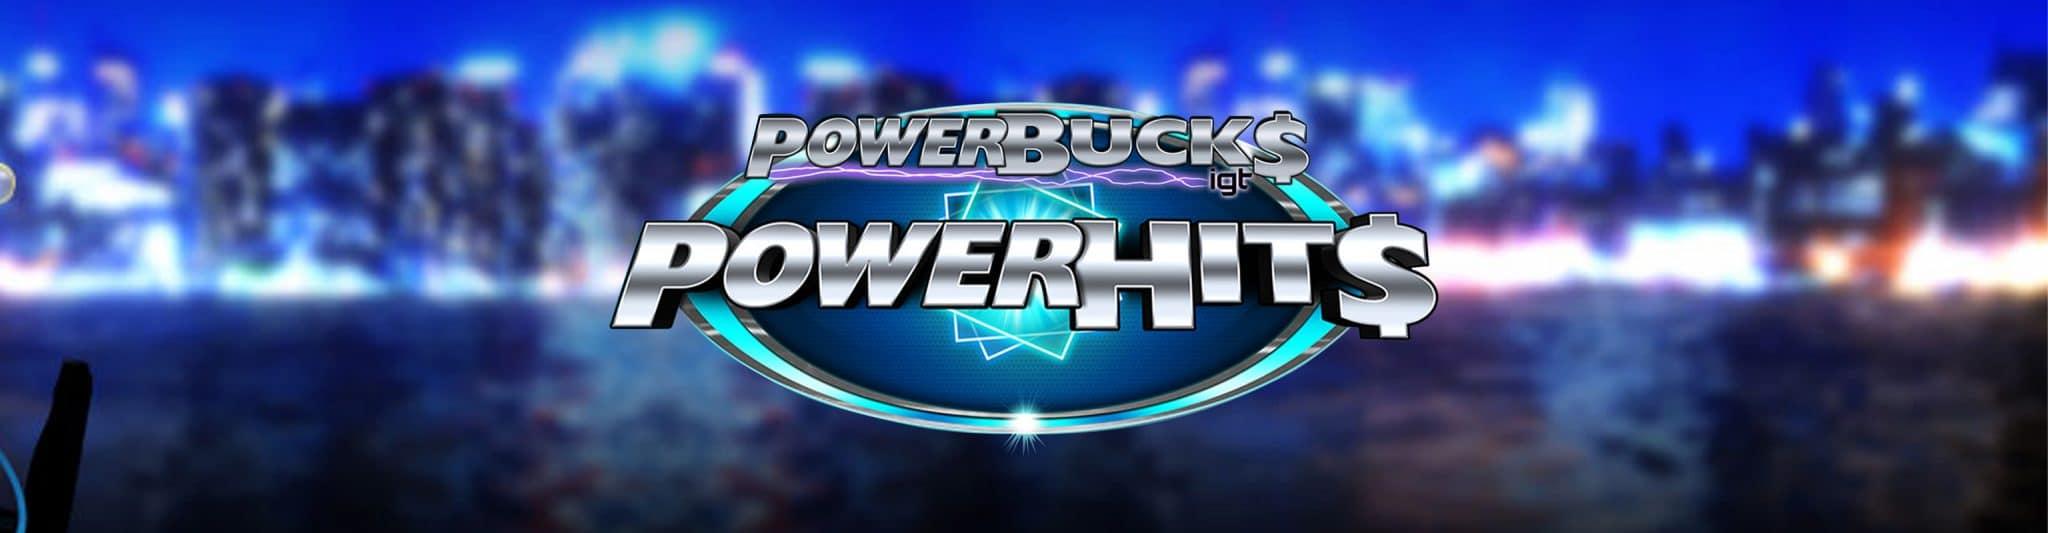 IGT Launches Powerbucks Online Progressive Jackpot Network in Ontario, Canada Banner 01 - CasinoTop